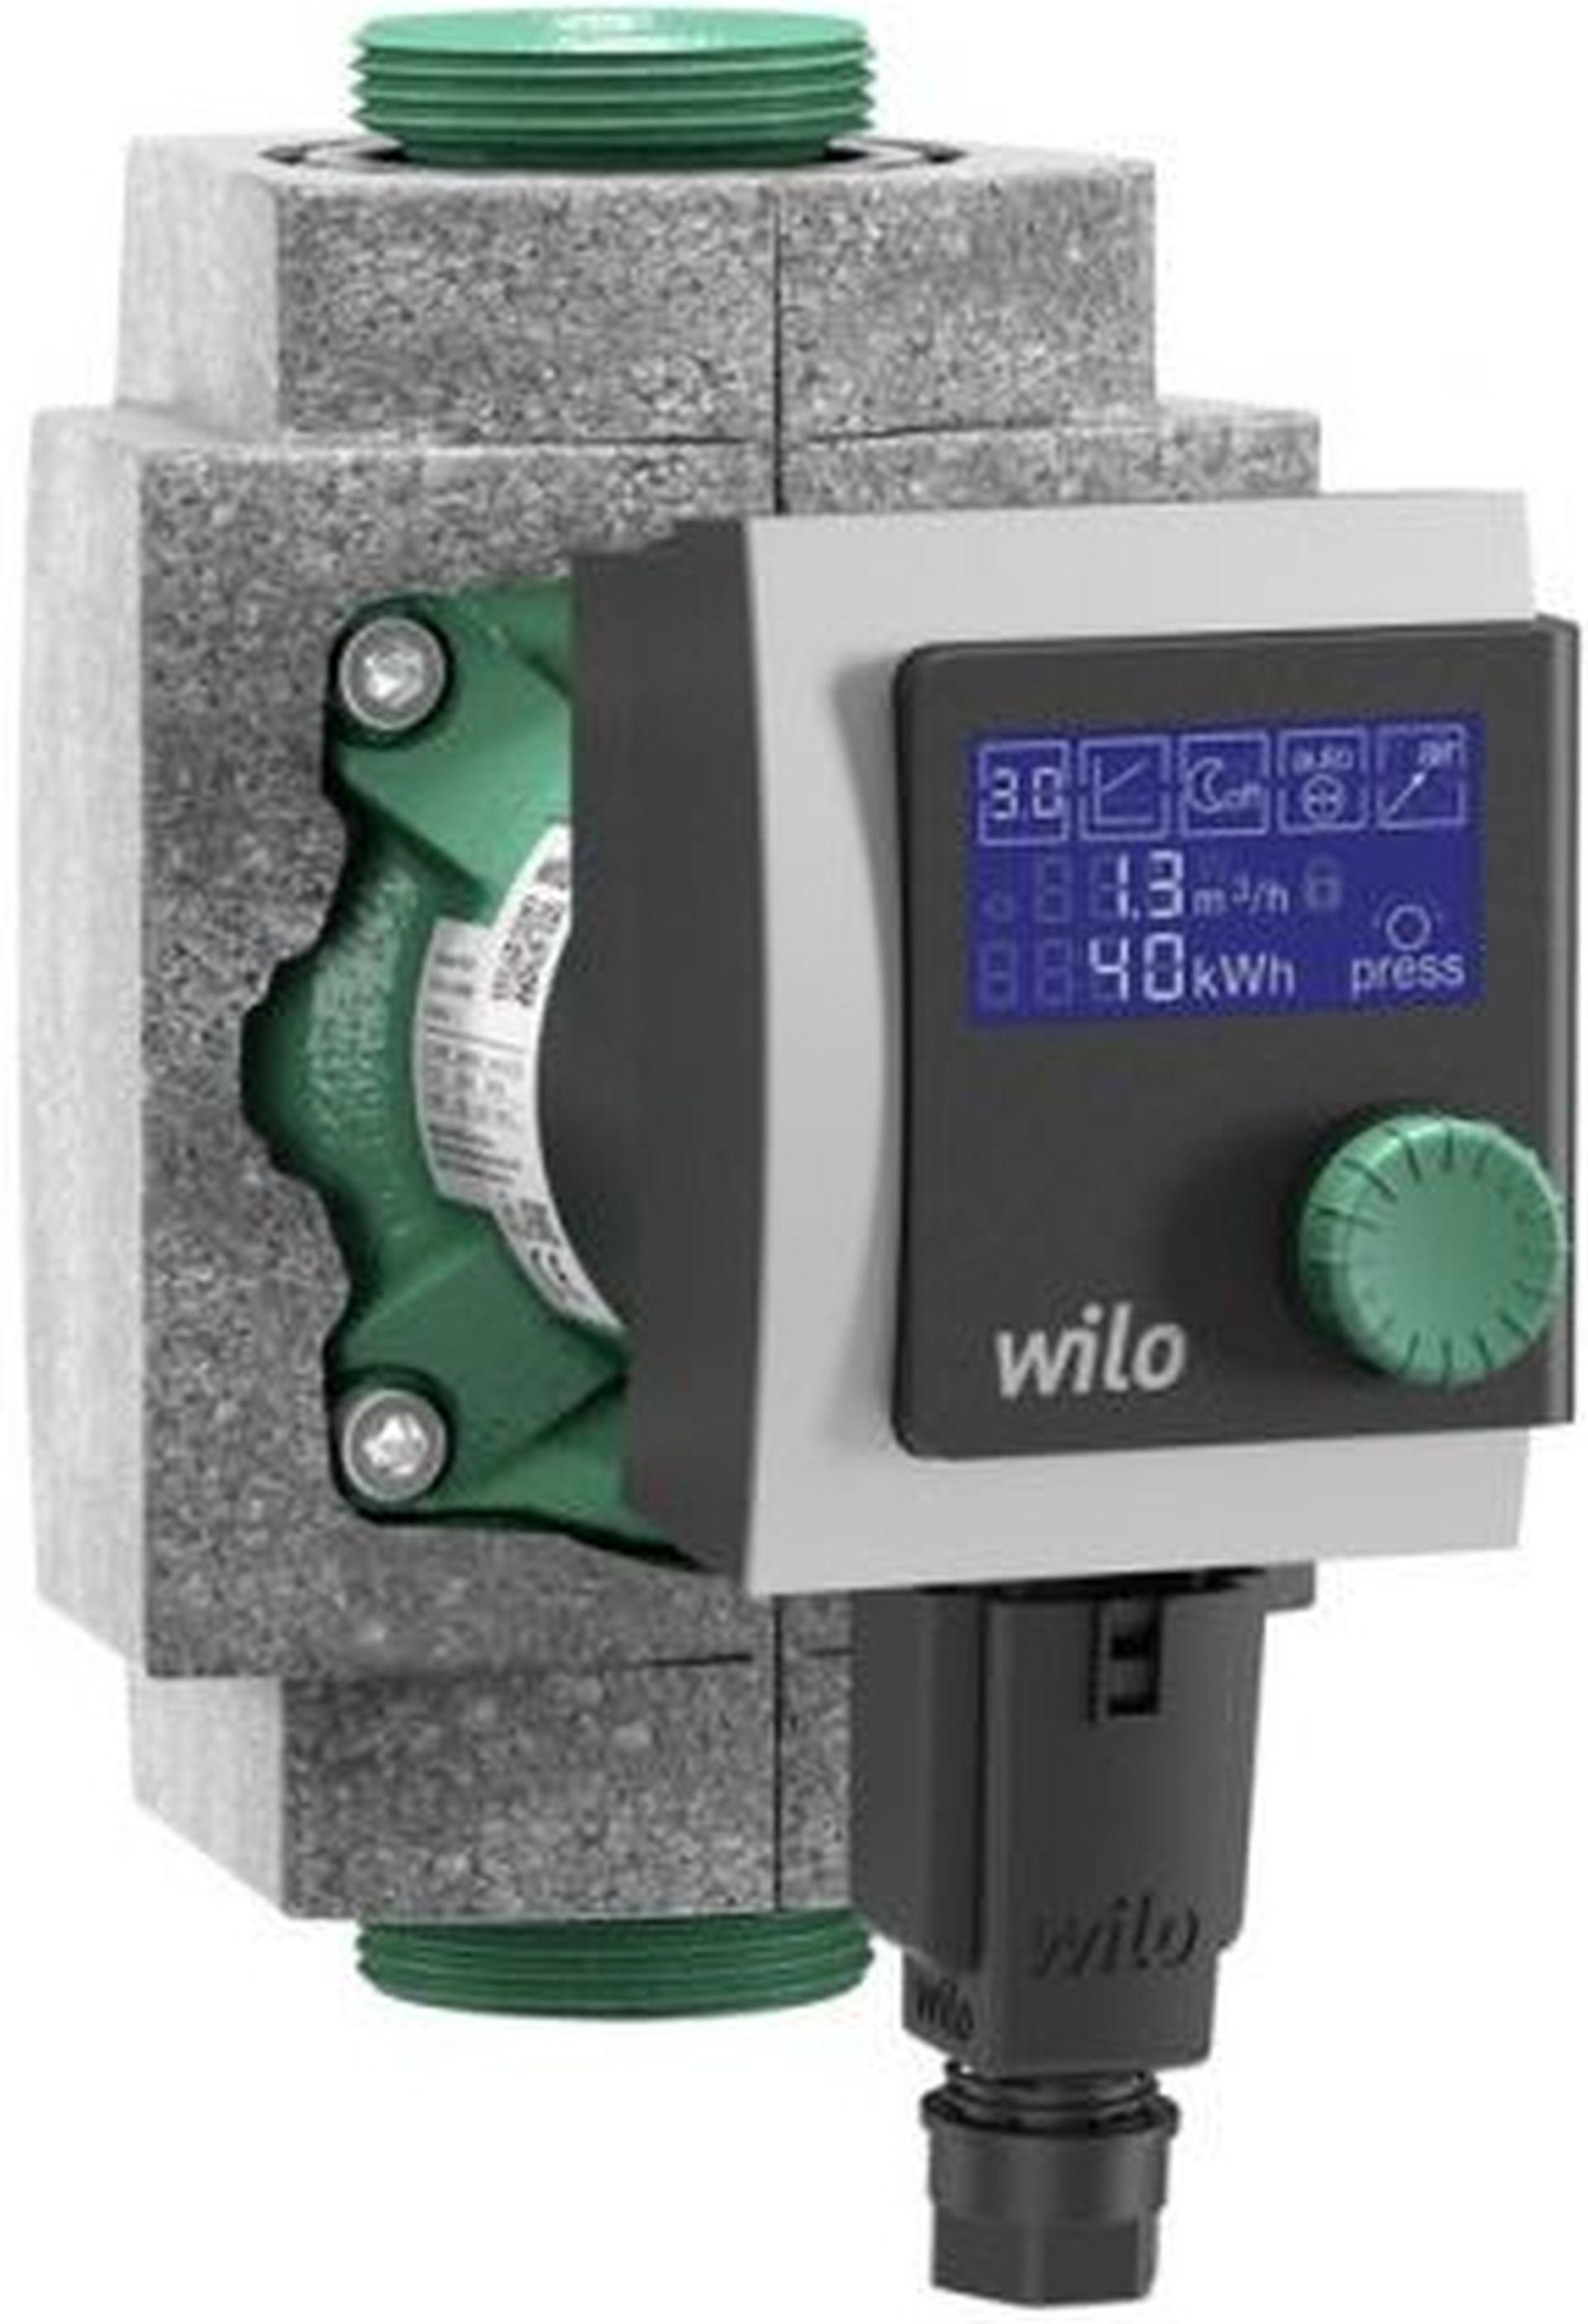 WILO Stratos PICO 25/1-4 130 mm oběhové čerpadlo 4216616